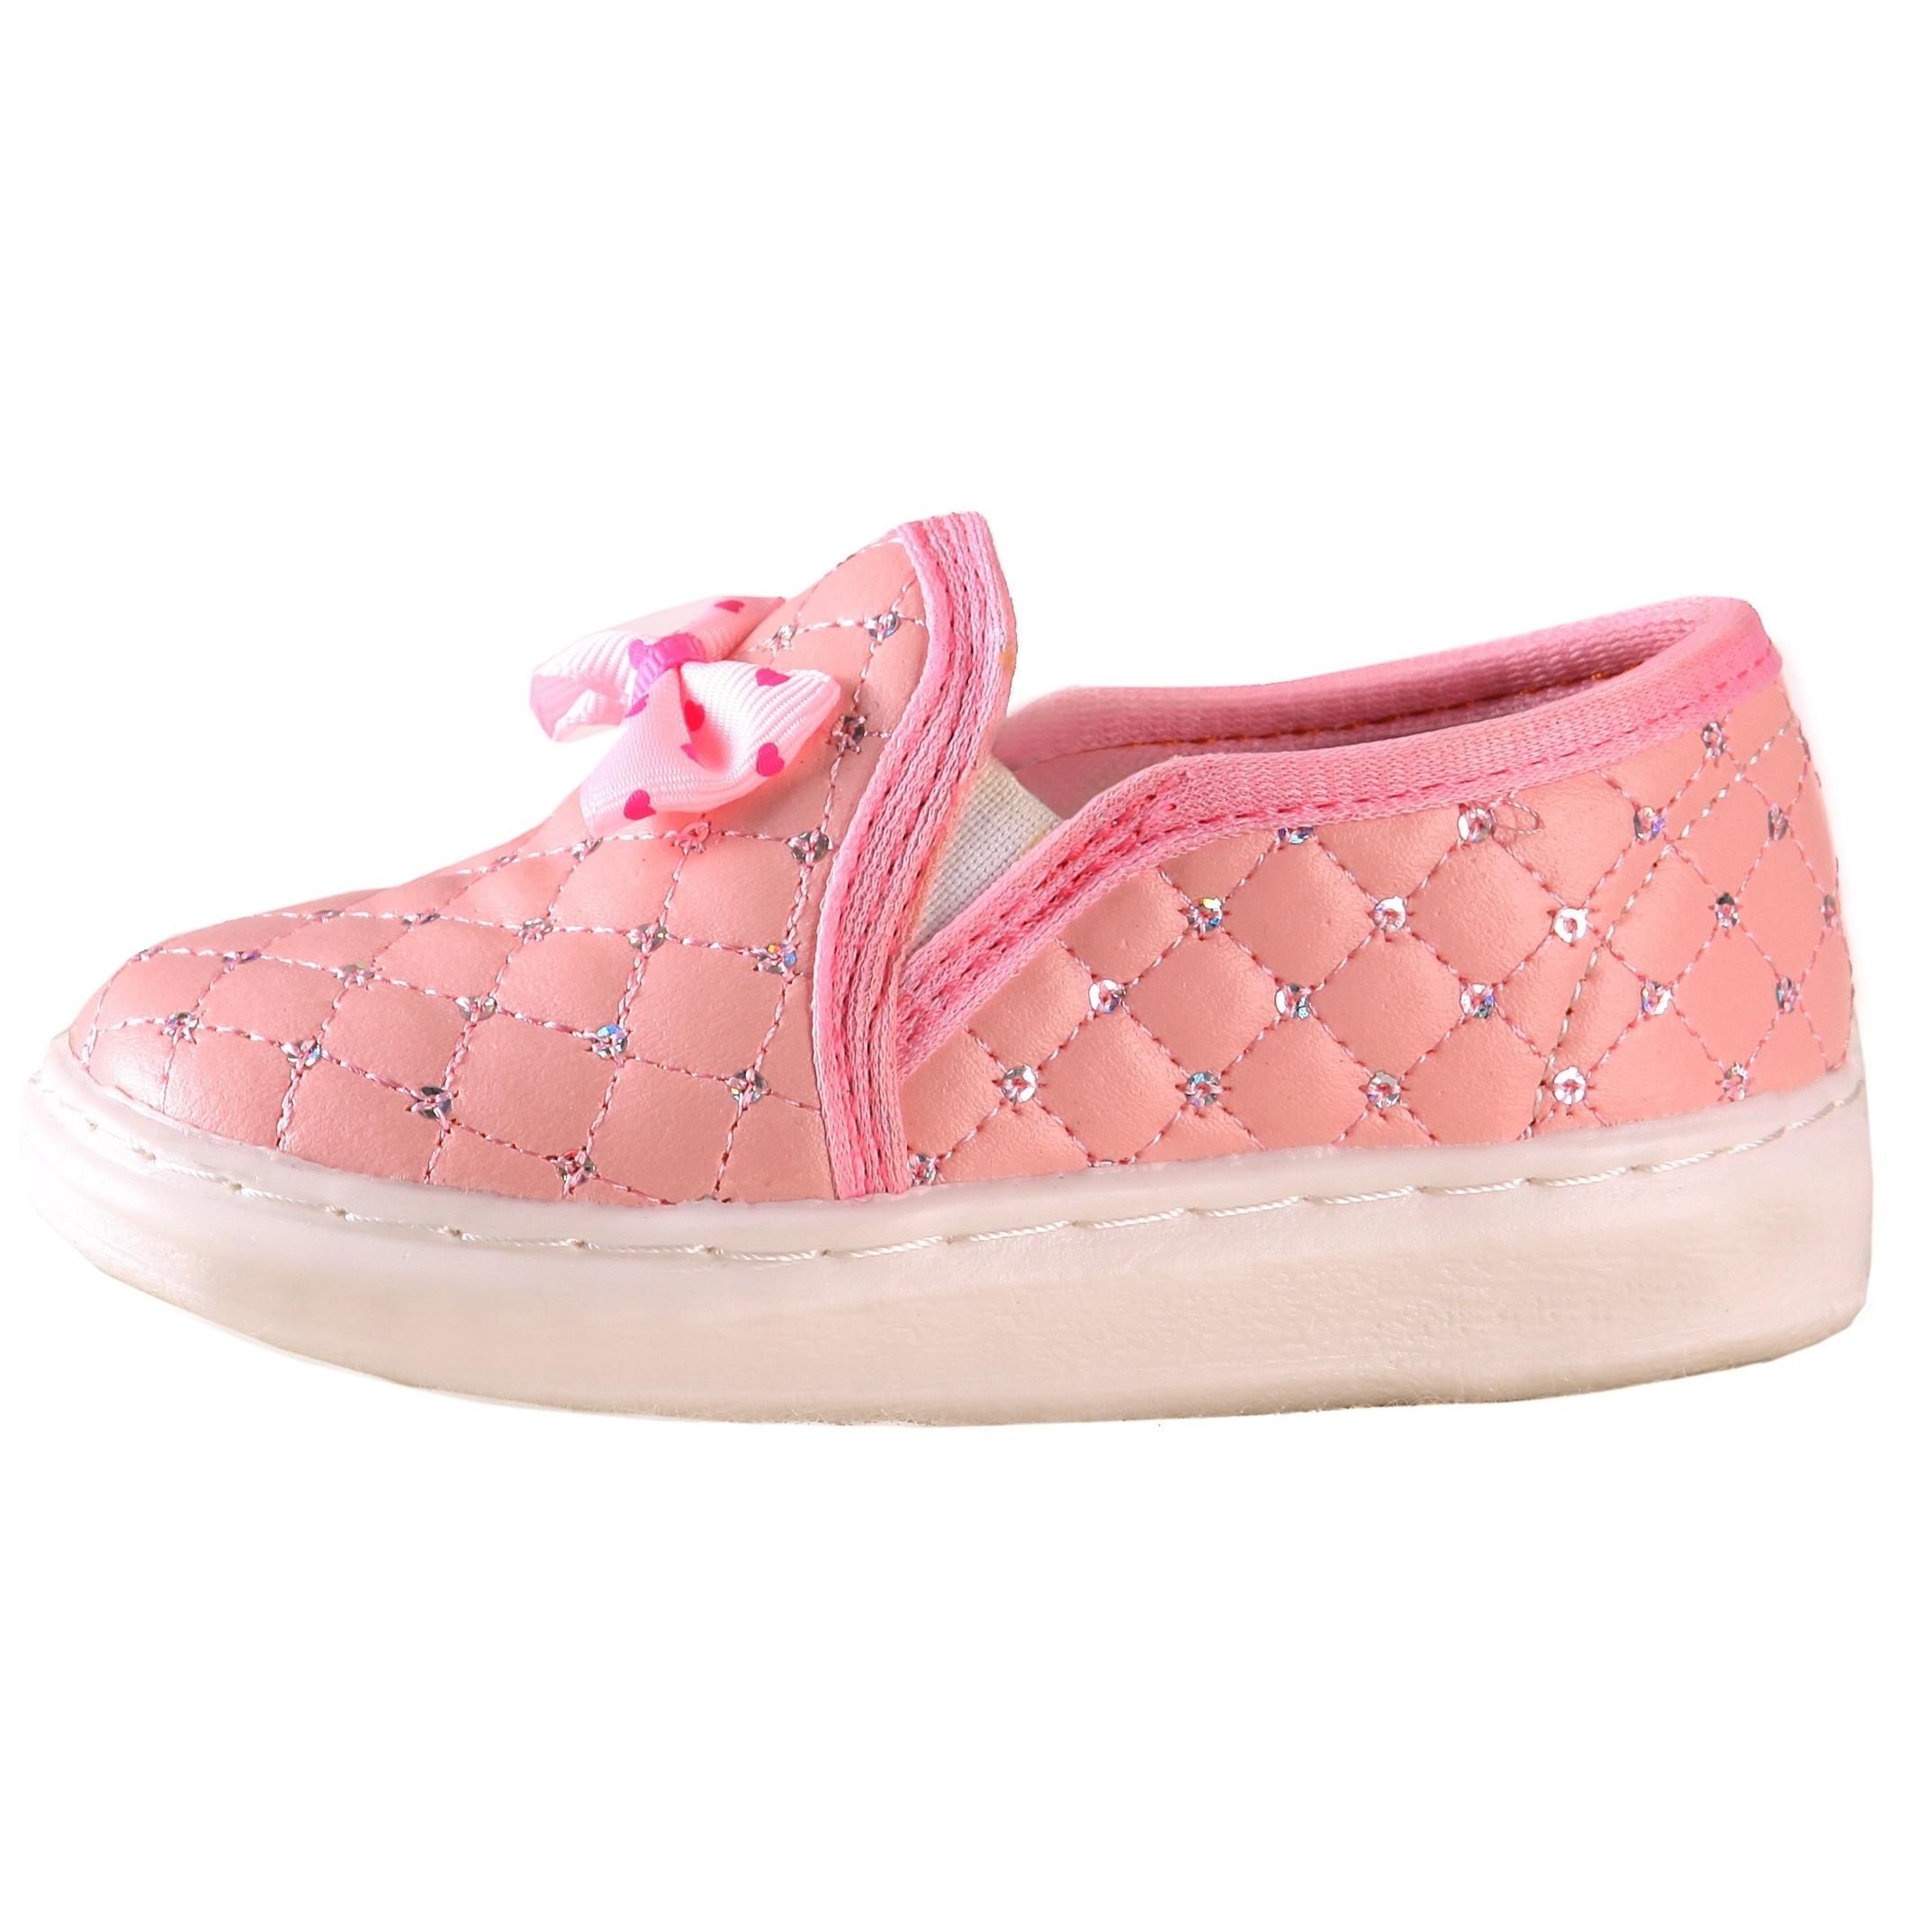 کفش بچگانه طرح پاپیون صورتی رنگ